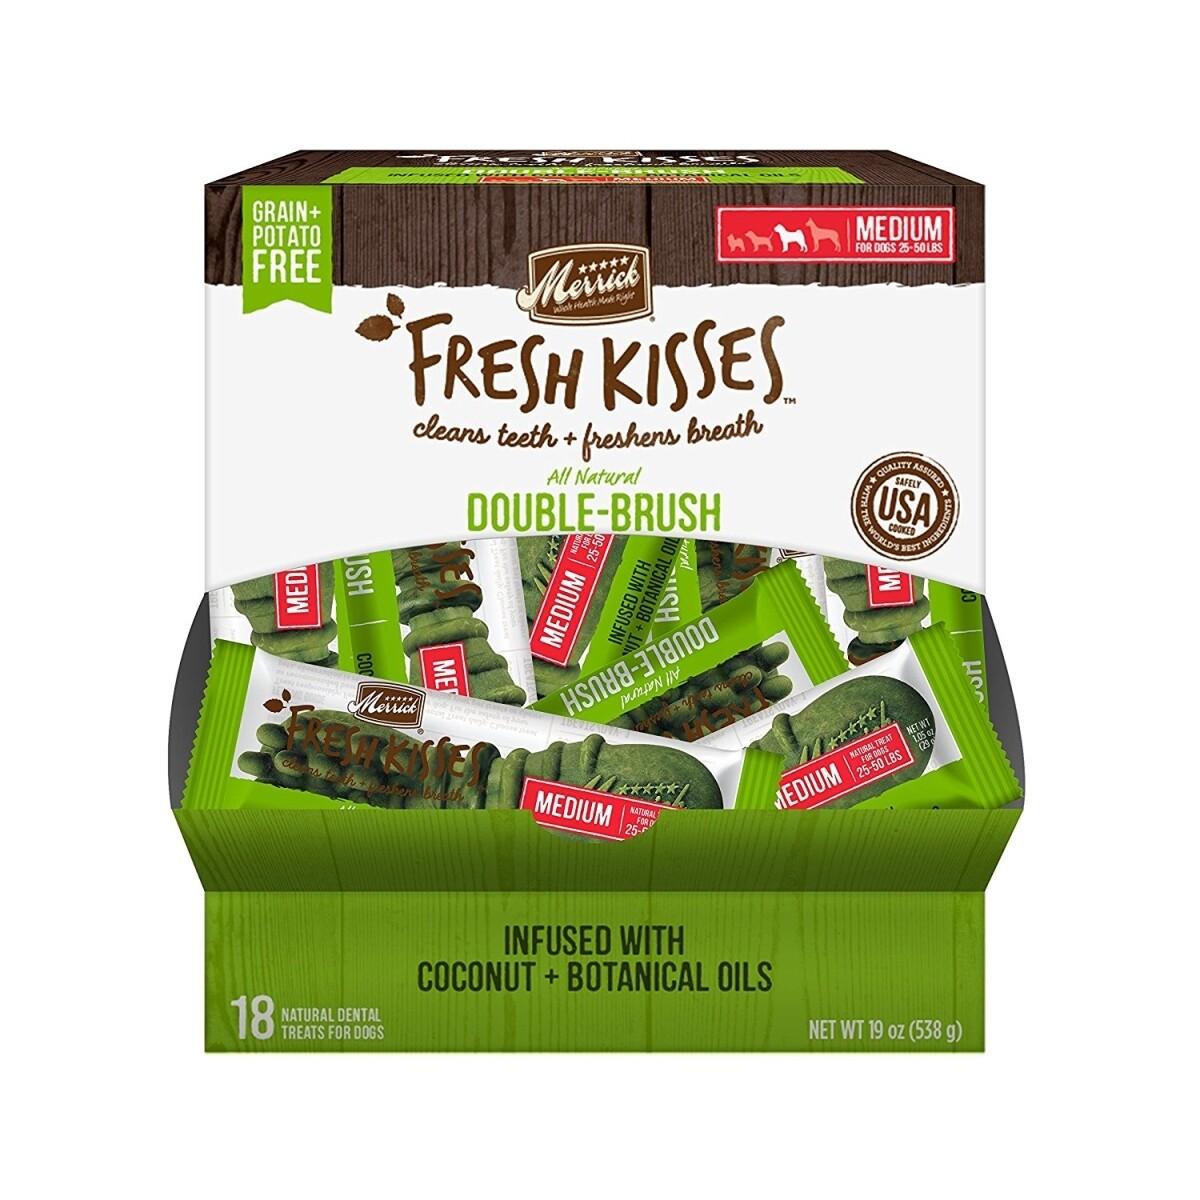 **BOGO** Merrick Fresh Kisses Coconut Oil Extra Small Brush  Dental Dog Treat - 18 Count #66018 (01.19) (A.K5/DT)